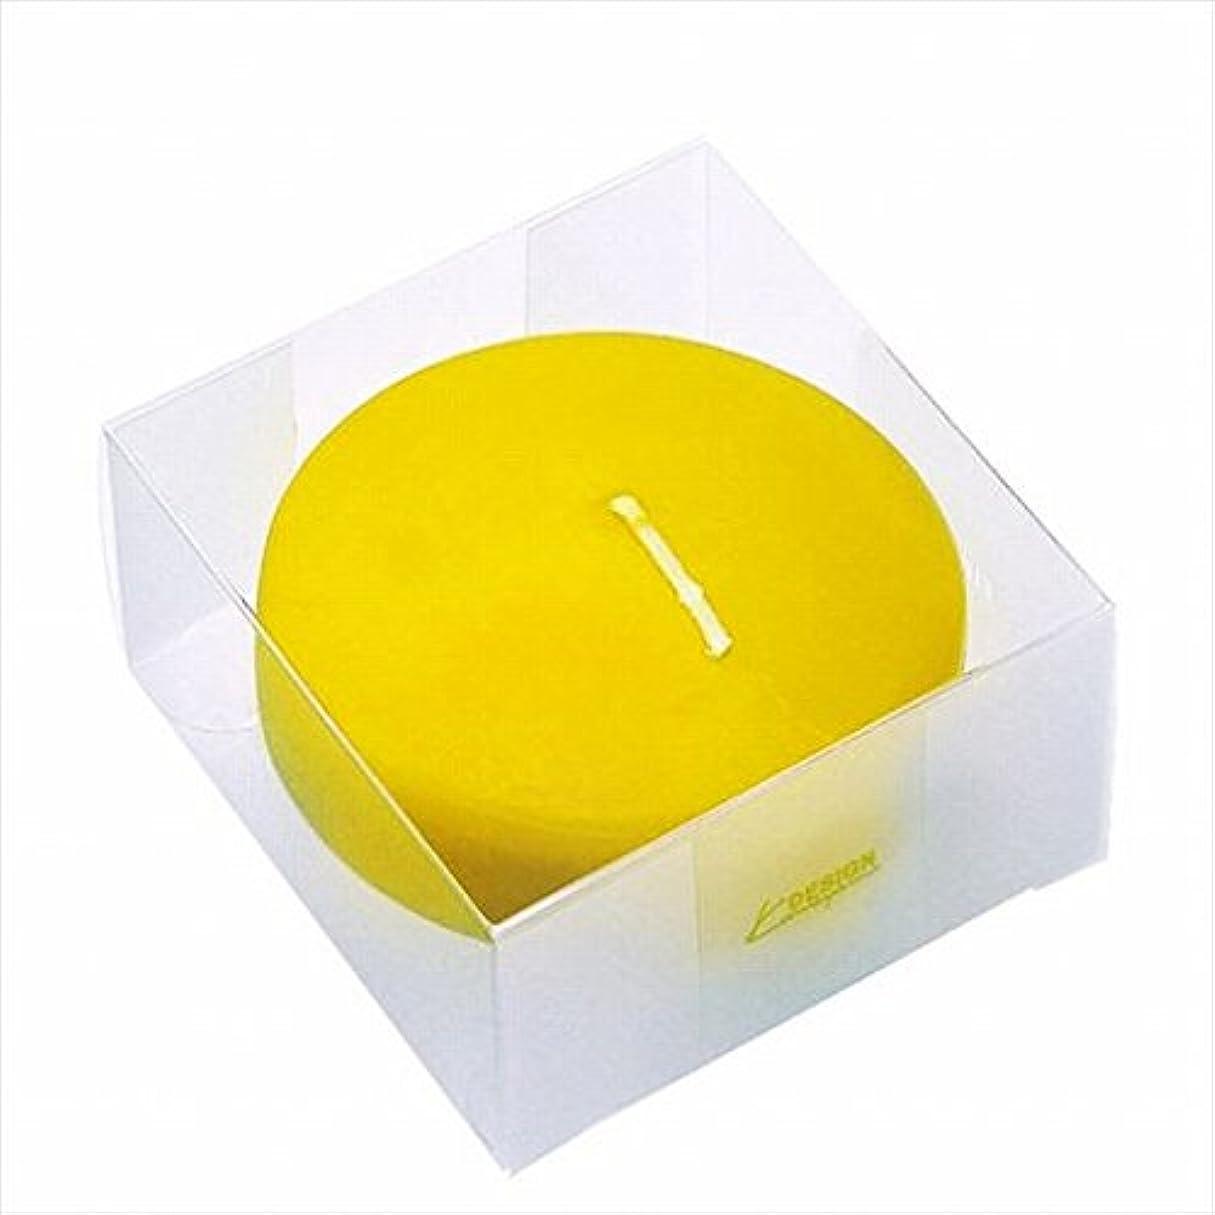 マスク本能ロンドンカメヤマキャンドル(kameyama candle) プール80(箱入り) 「 サン 」